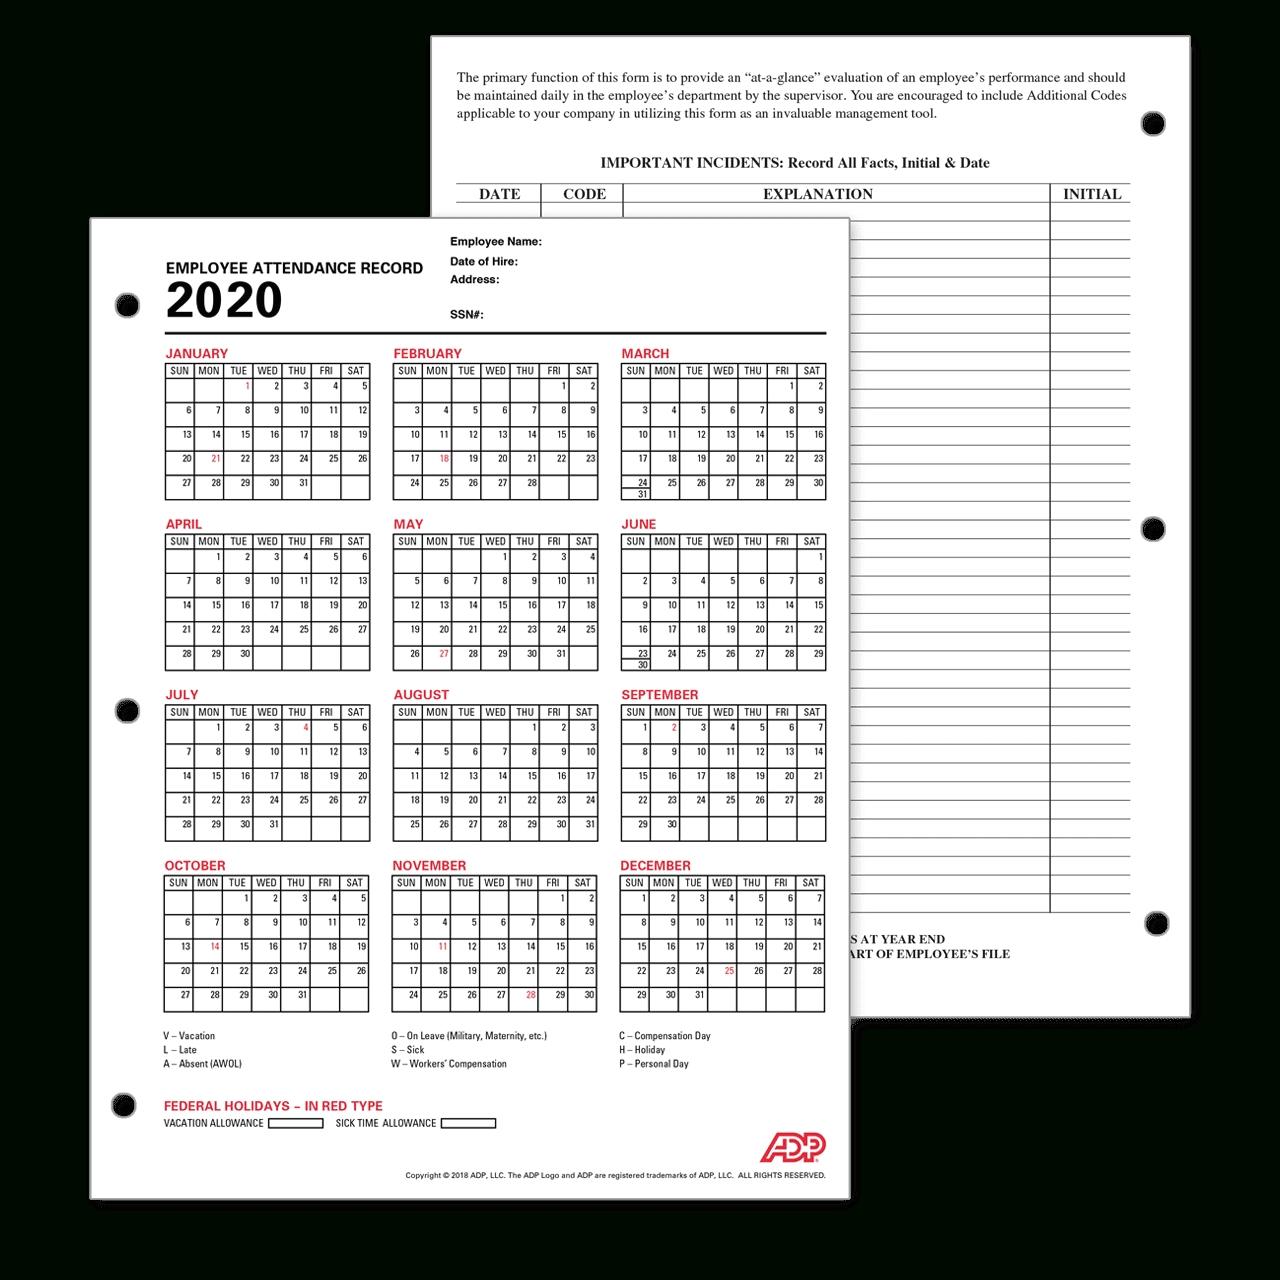 Adp Employee Attendance Record / Calendar inside Employee Attendance Calendar 2020 Printable